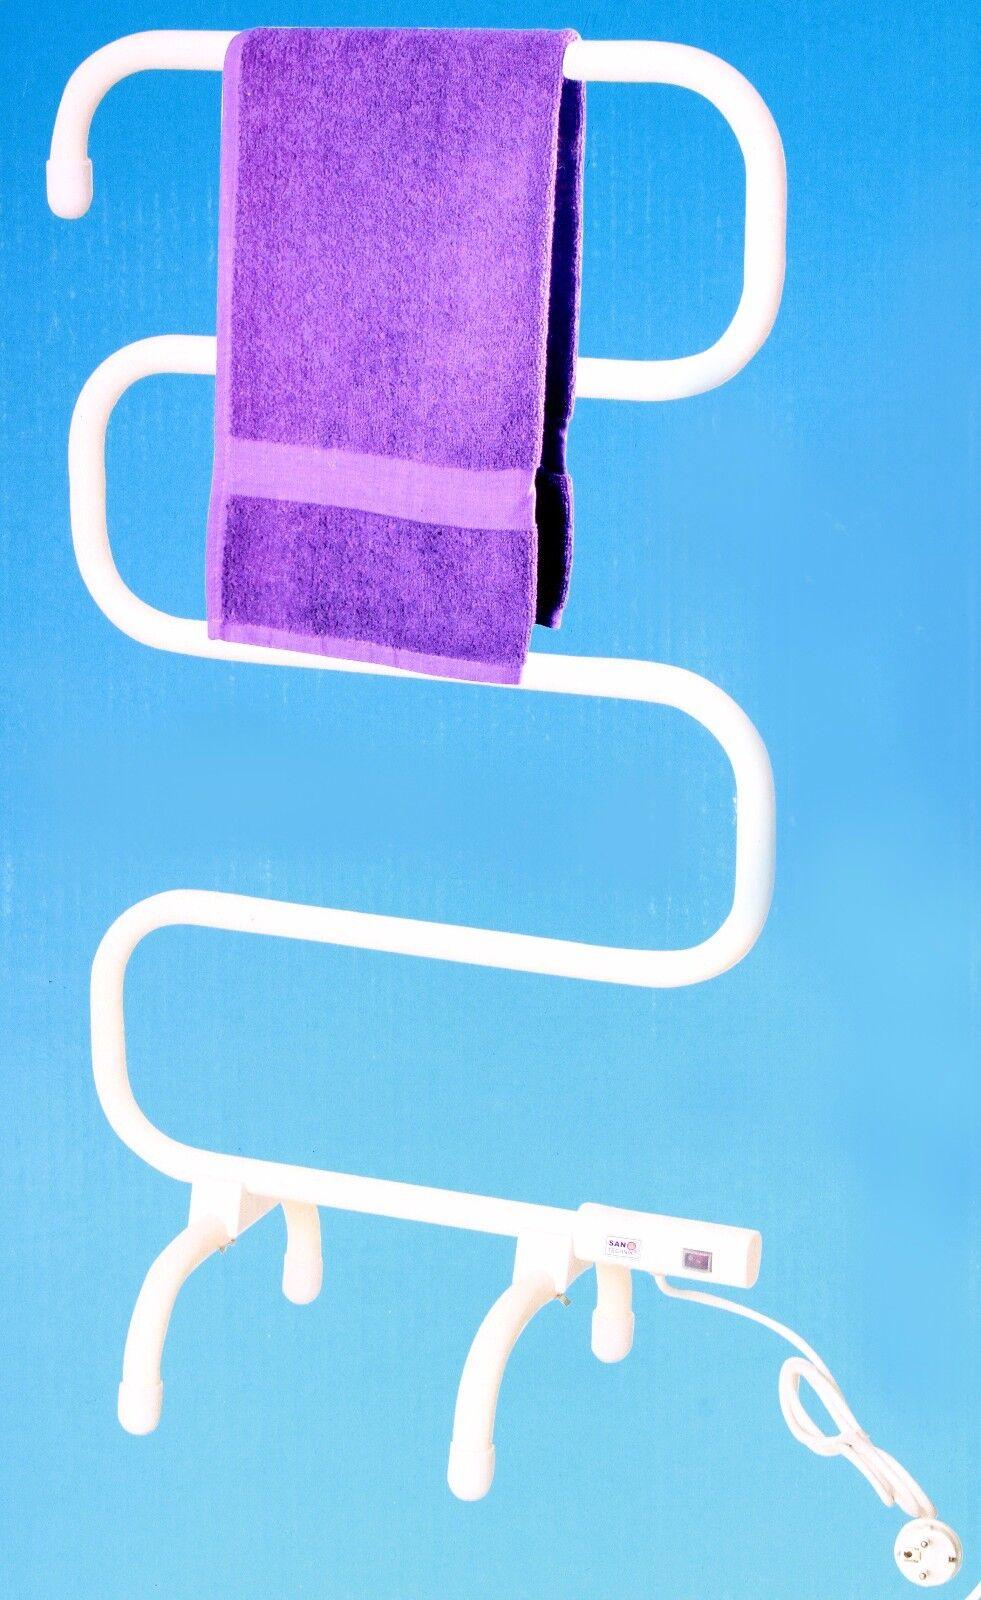 Handtuchwärmer Elektrisch Handtuchhalter Freistehend Handtuchtrockner 100W